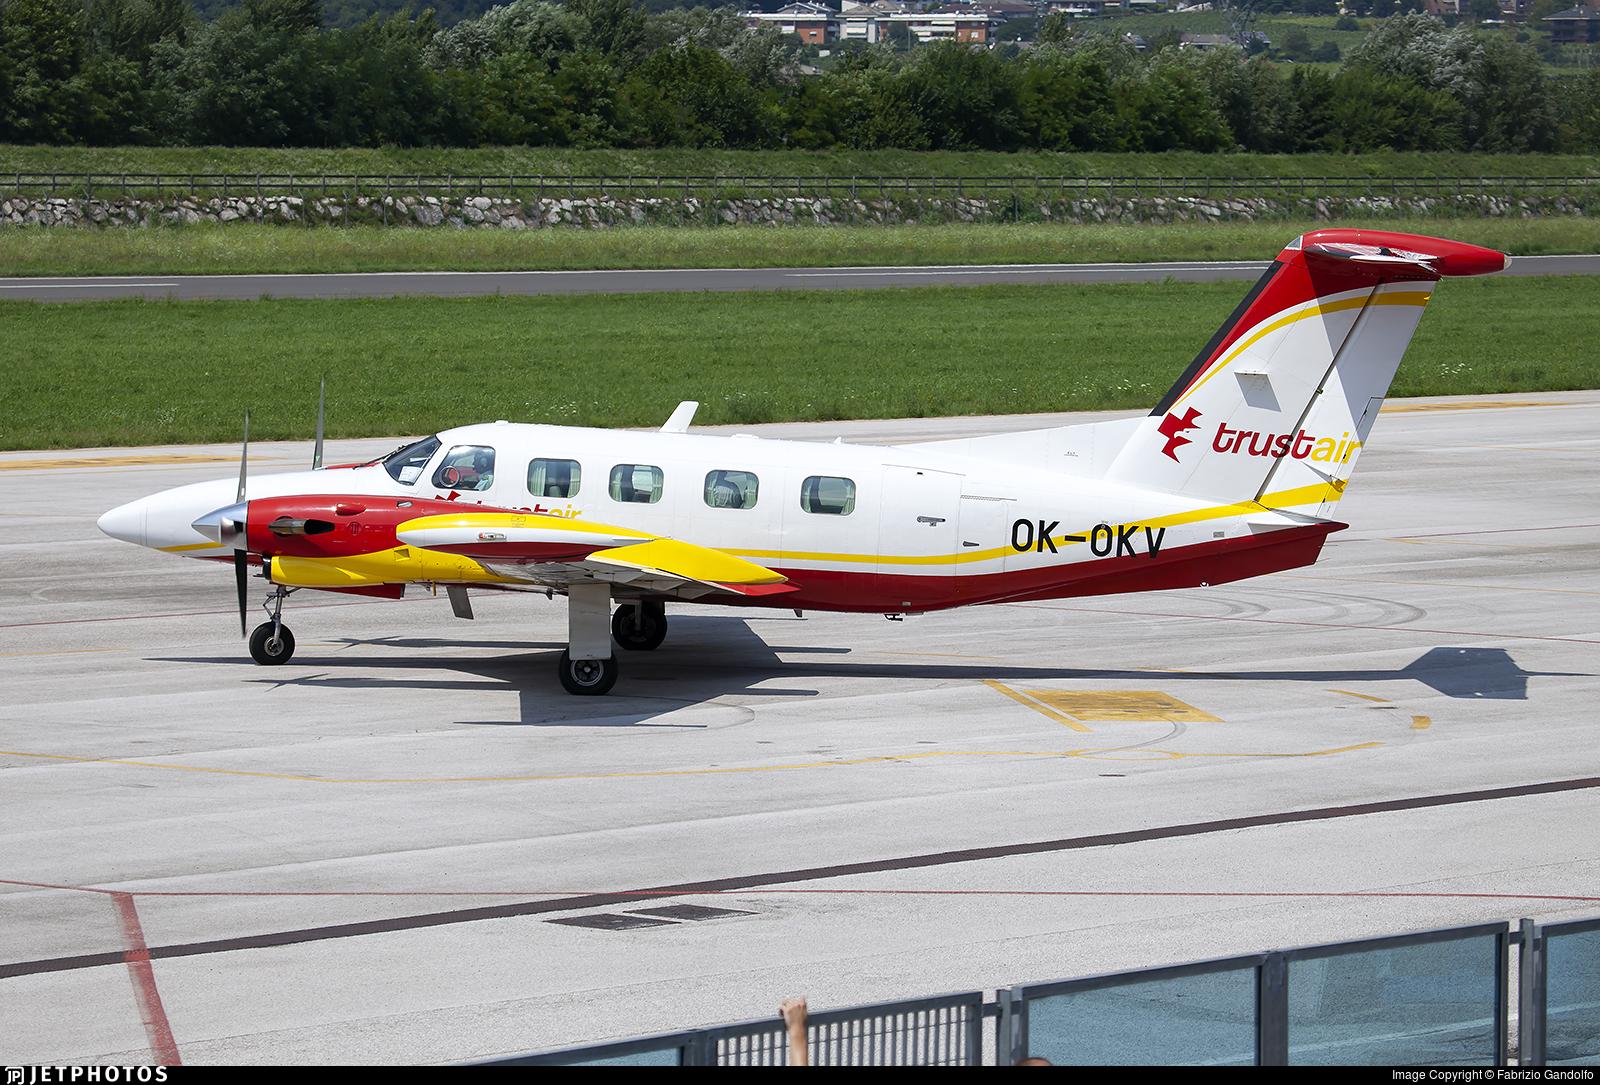 OK-OKV - Piper PA-42 Cheyenne III - L-COnsult sro